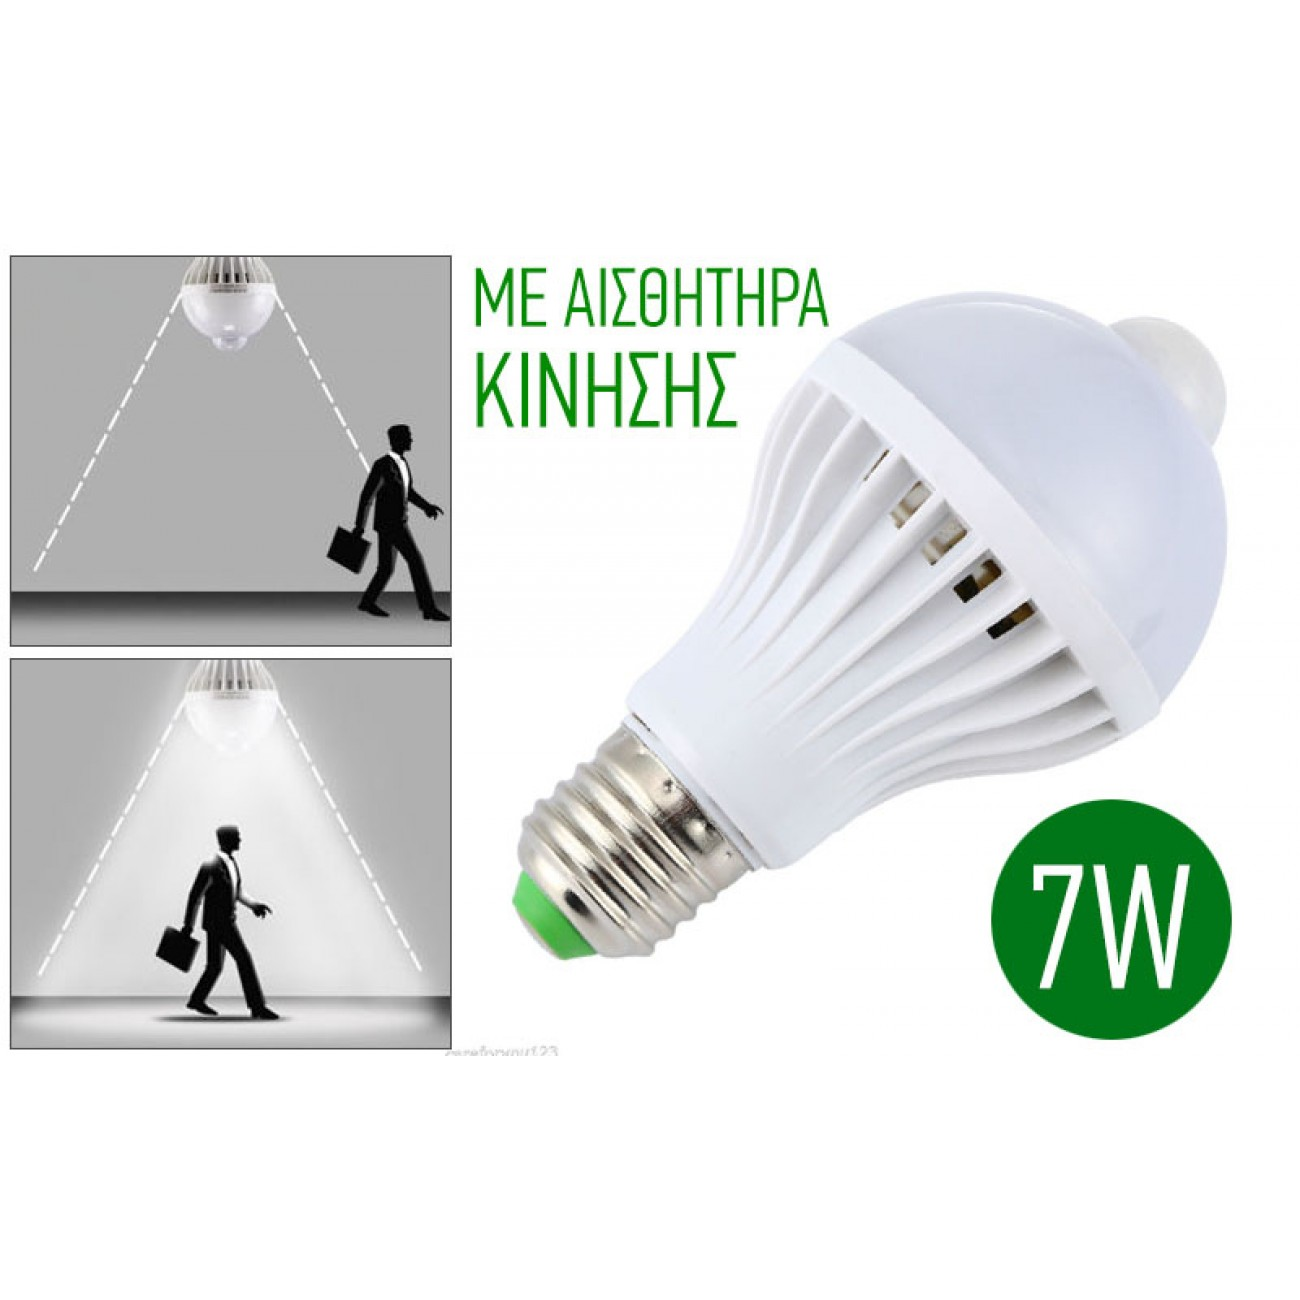 Βιδωτή λάμπα LED 7W / E27 με αισθητήρα κίνησης - ψυχρό φως